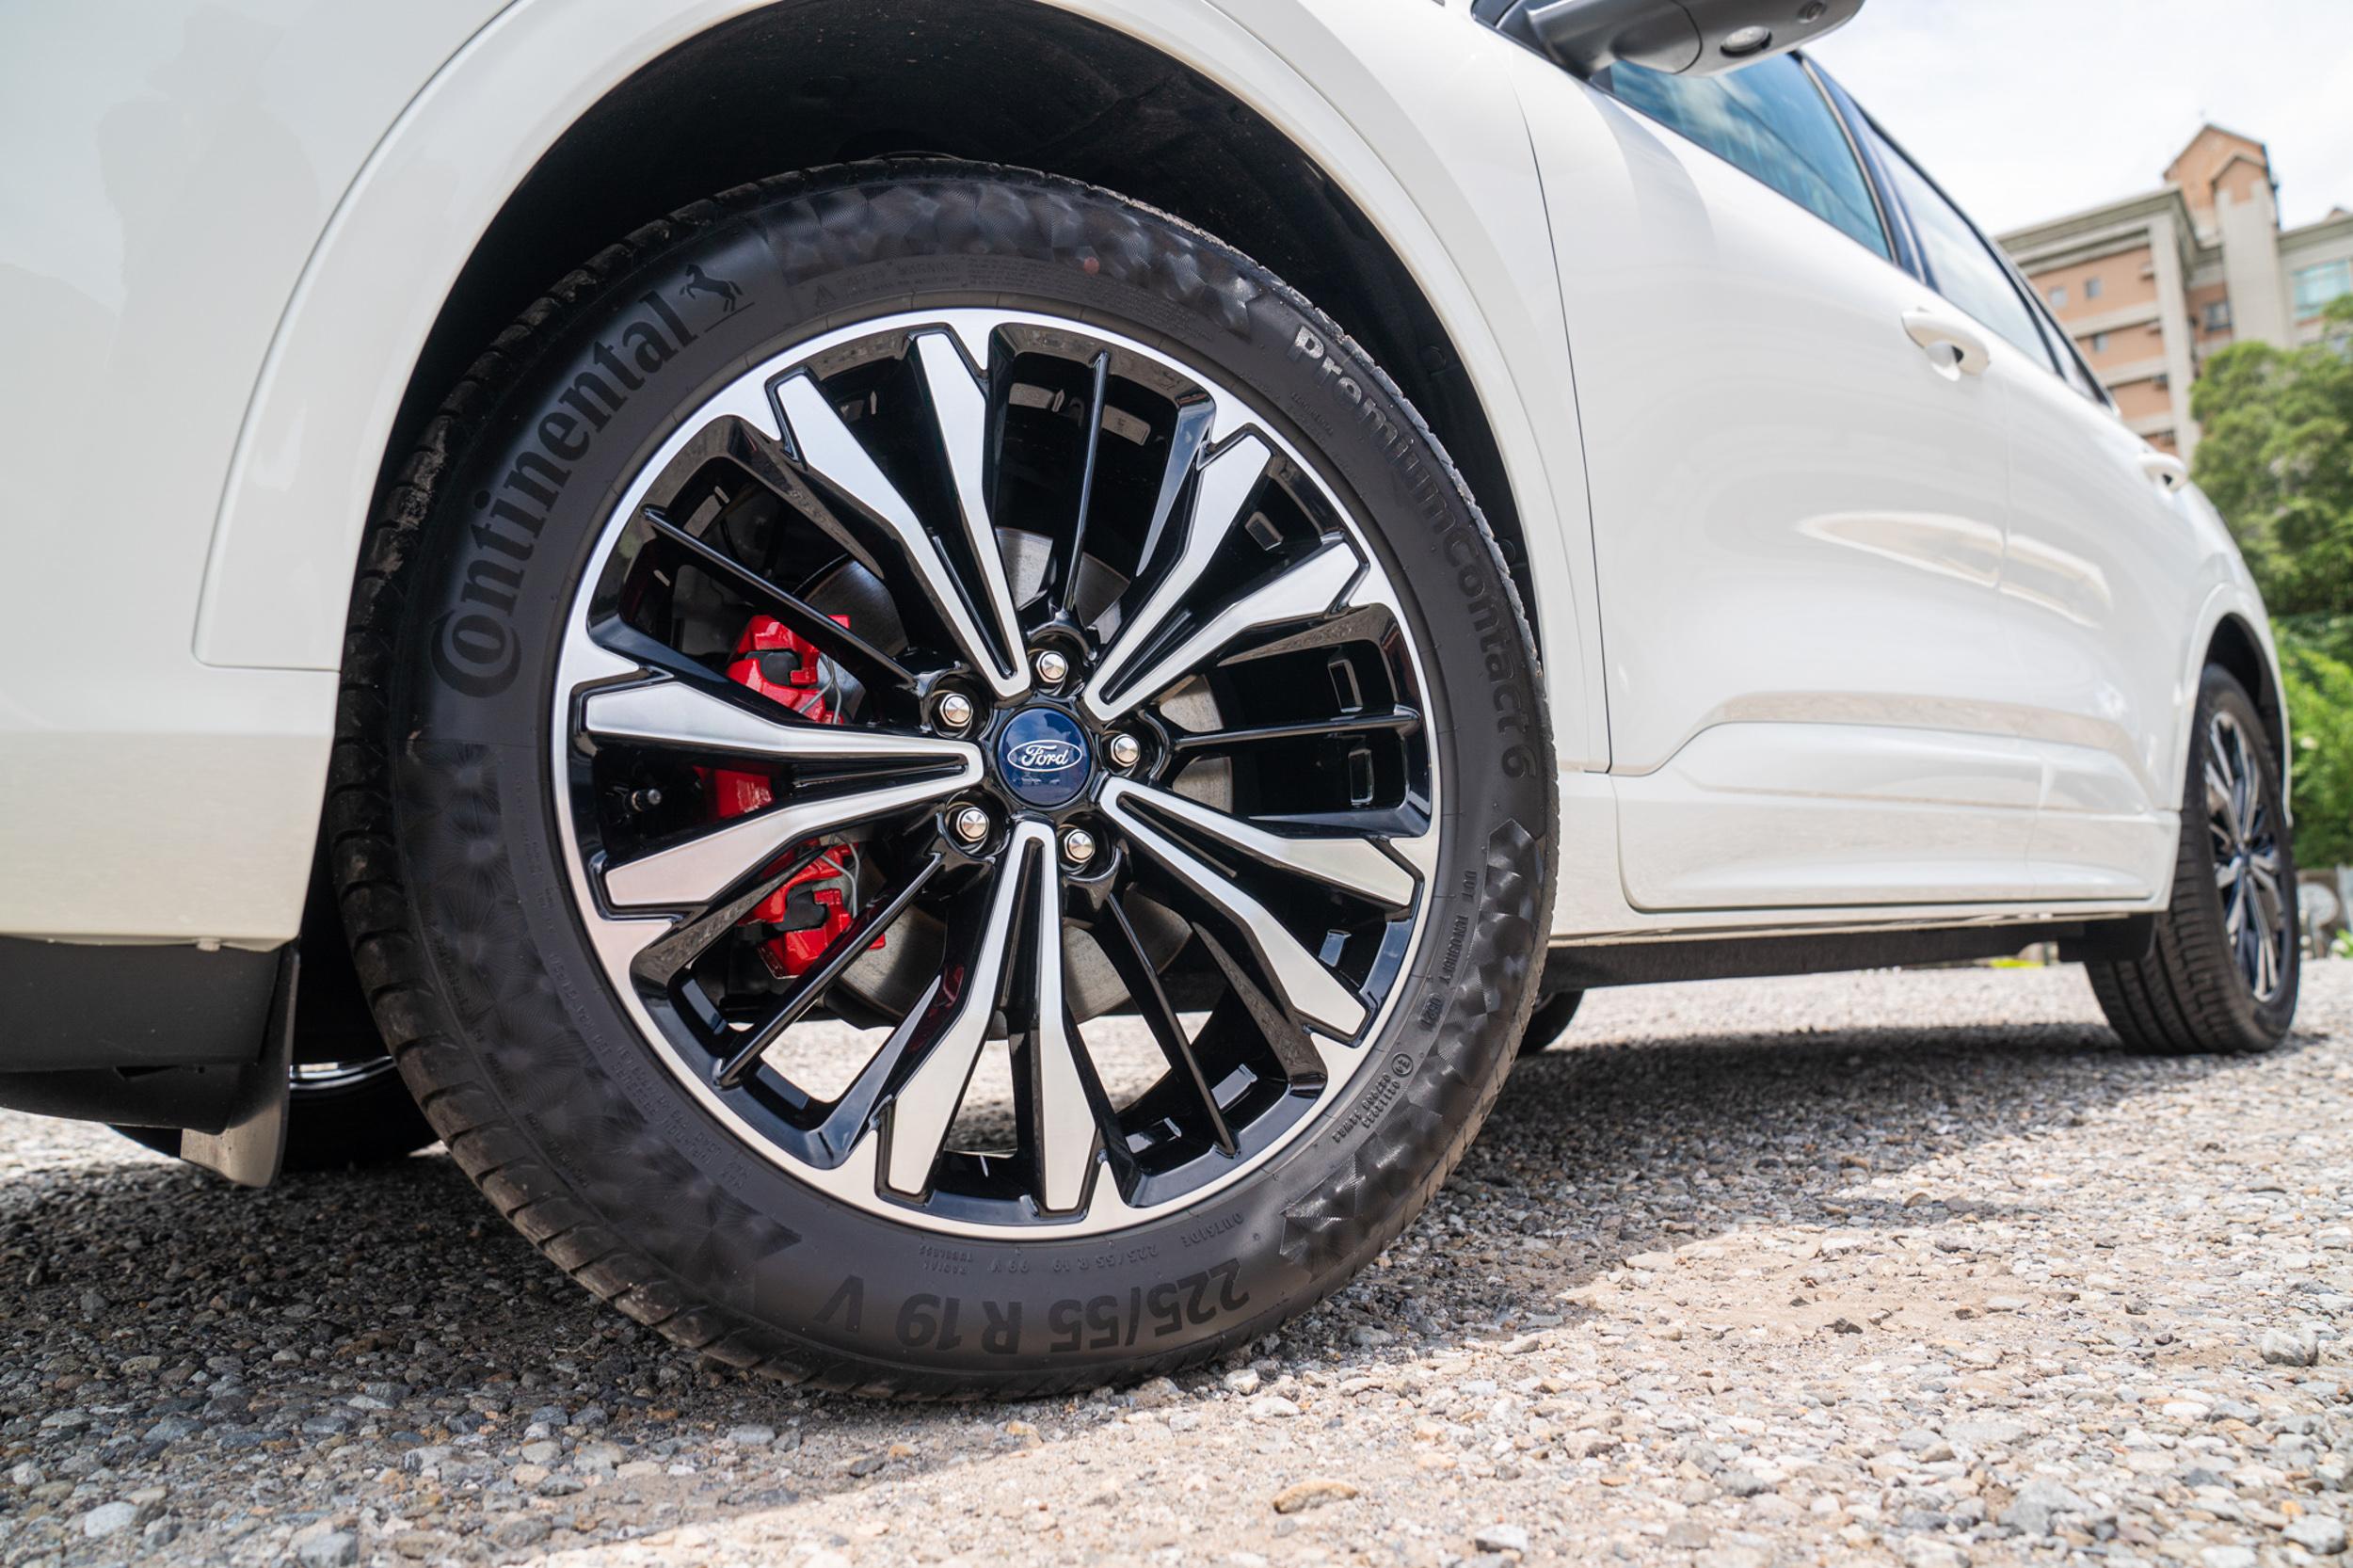 新增紅色煞車卡鉗,並將原先列為選配的Continental PremiumContact™6運動胎改為標配,也將前下控制臂升級為鋁合金材質。